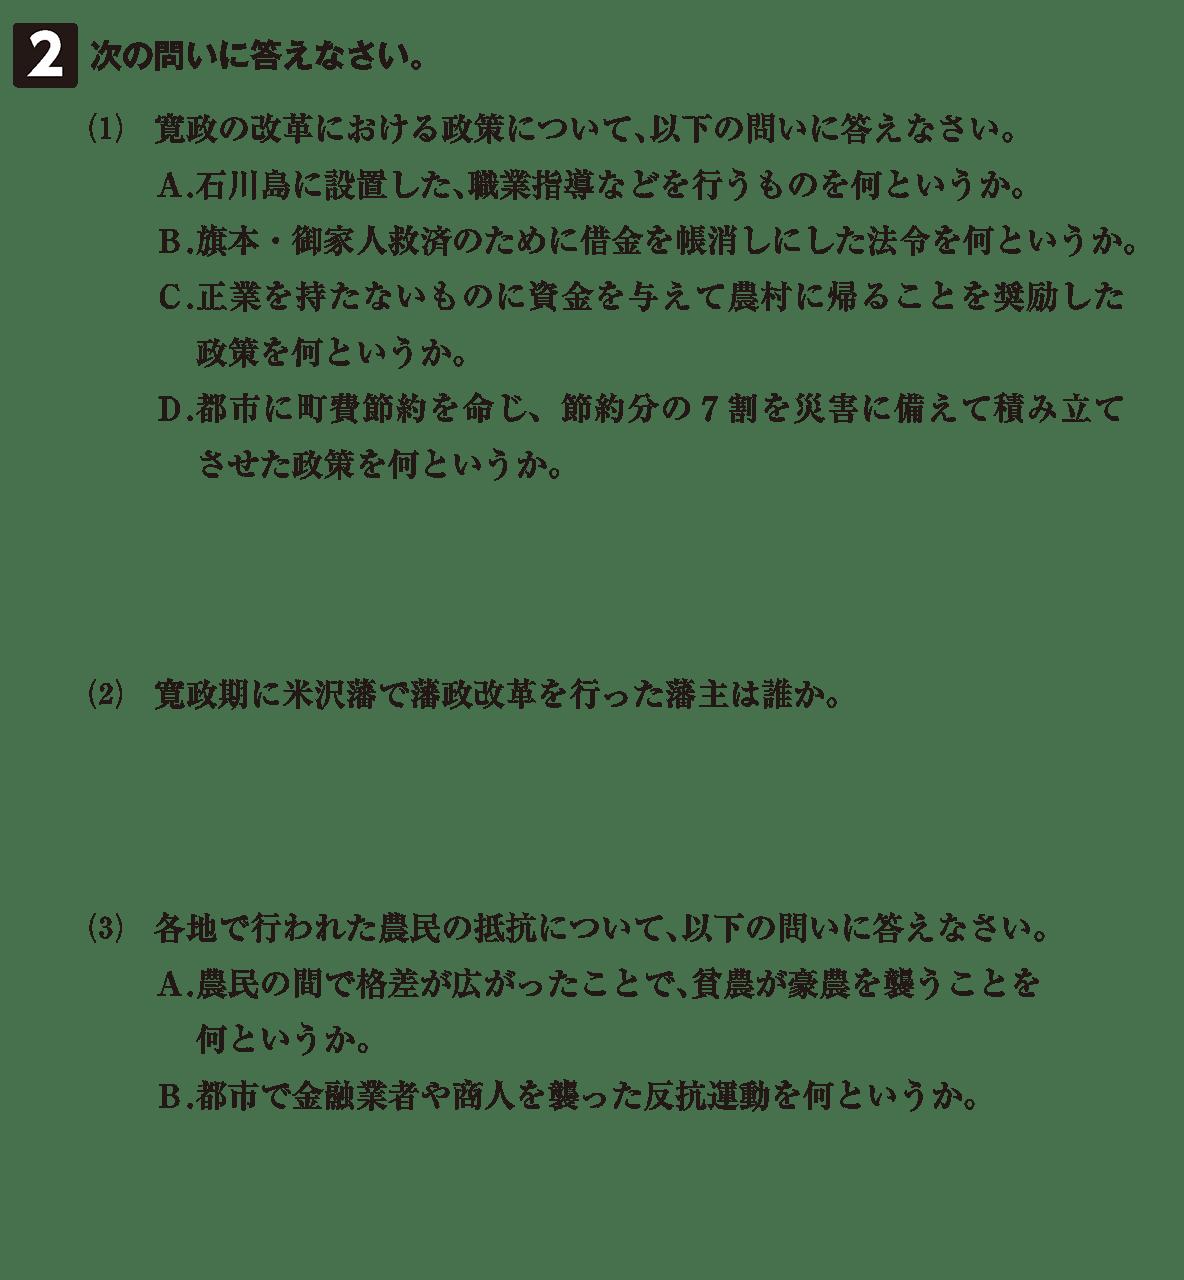 近世42 問題2 カッコ空欄